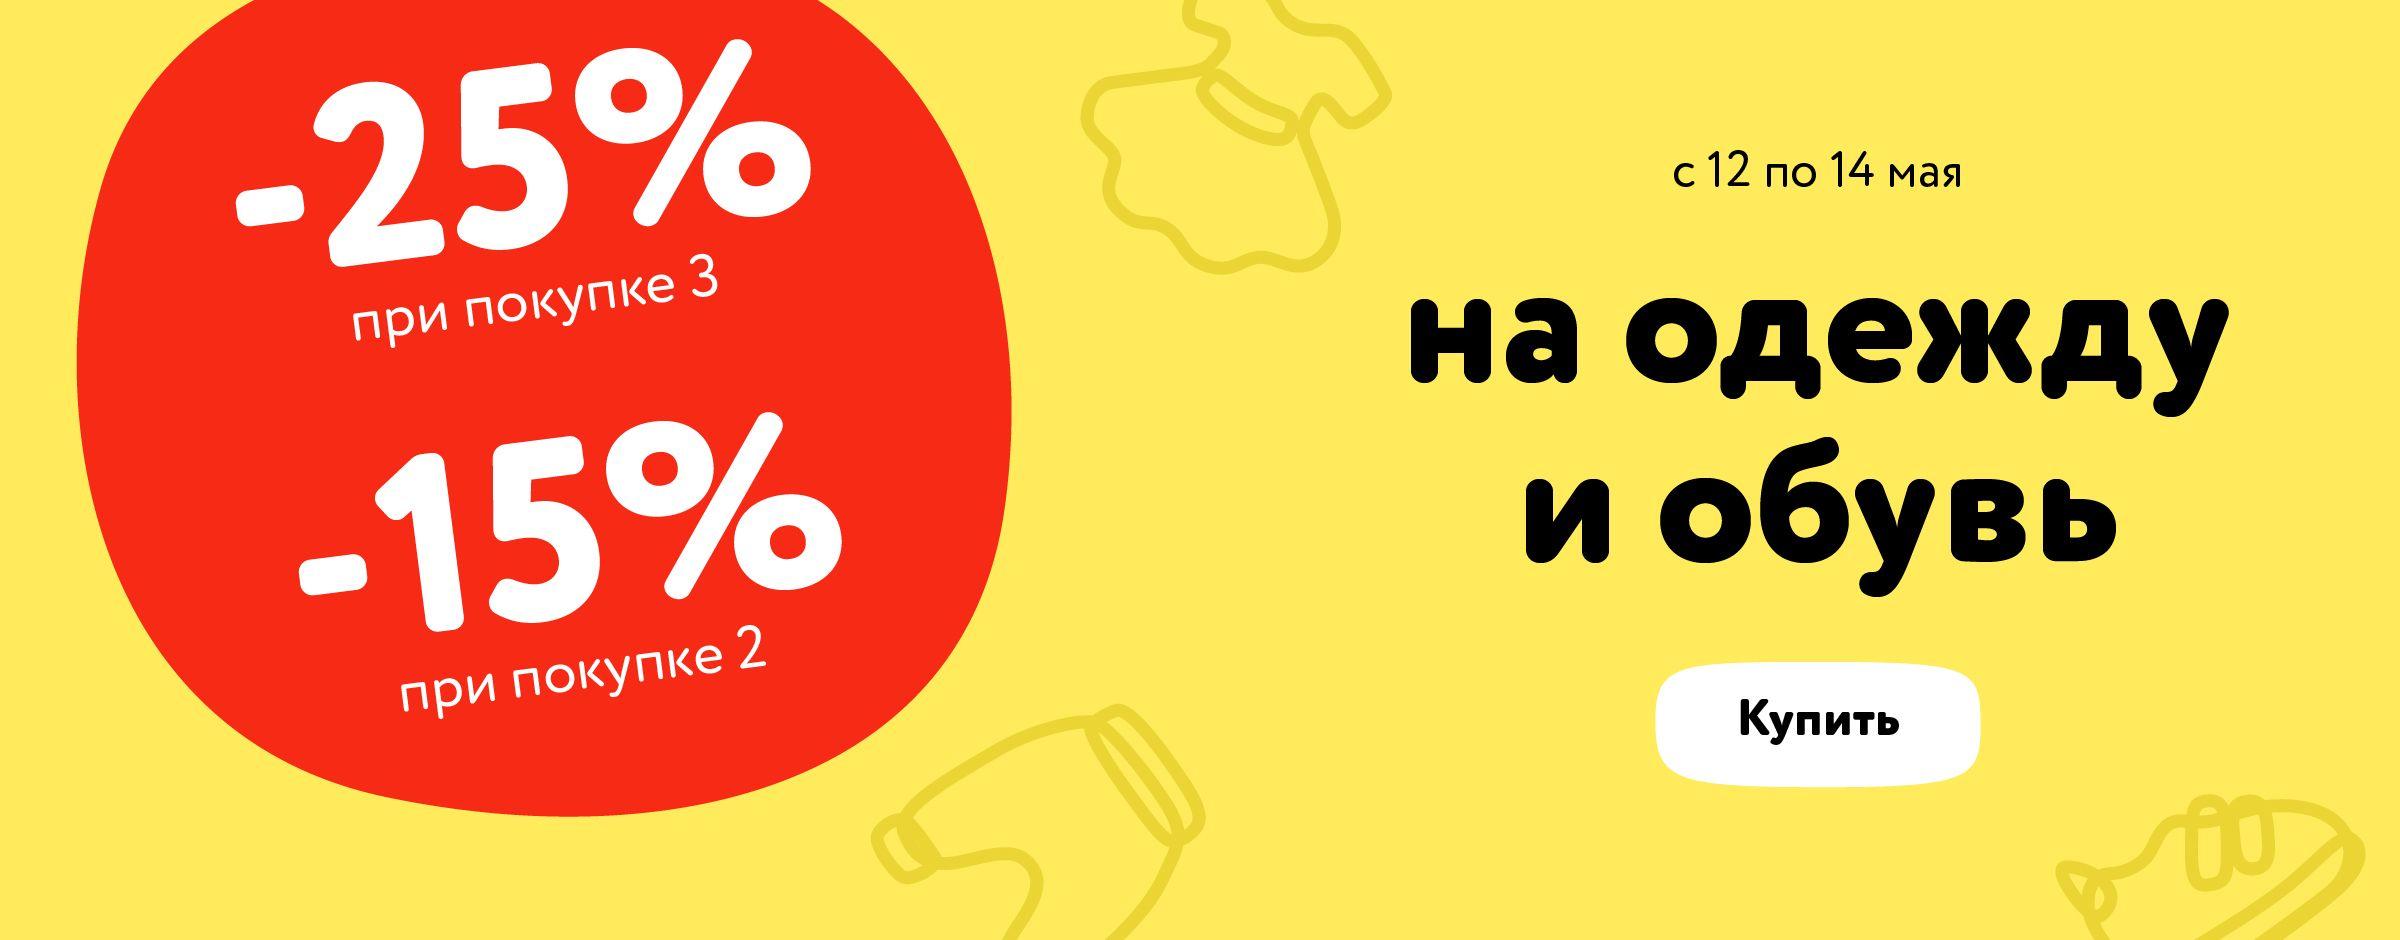 Доп. скидка 15% при покупке 2 товаров из одежды и обуви, 25% при покупке 3 товаров в корзине   забирайте